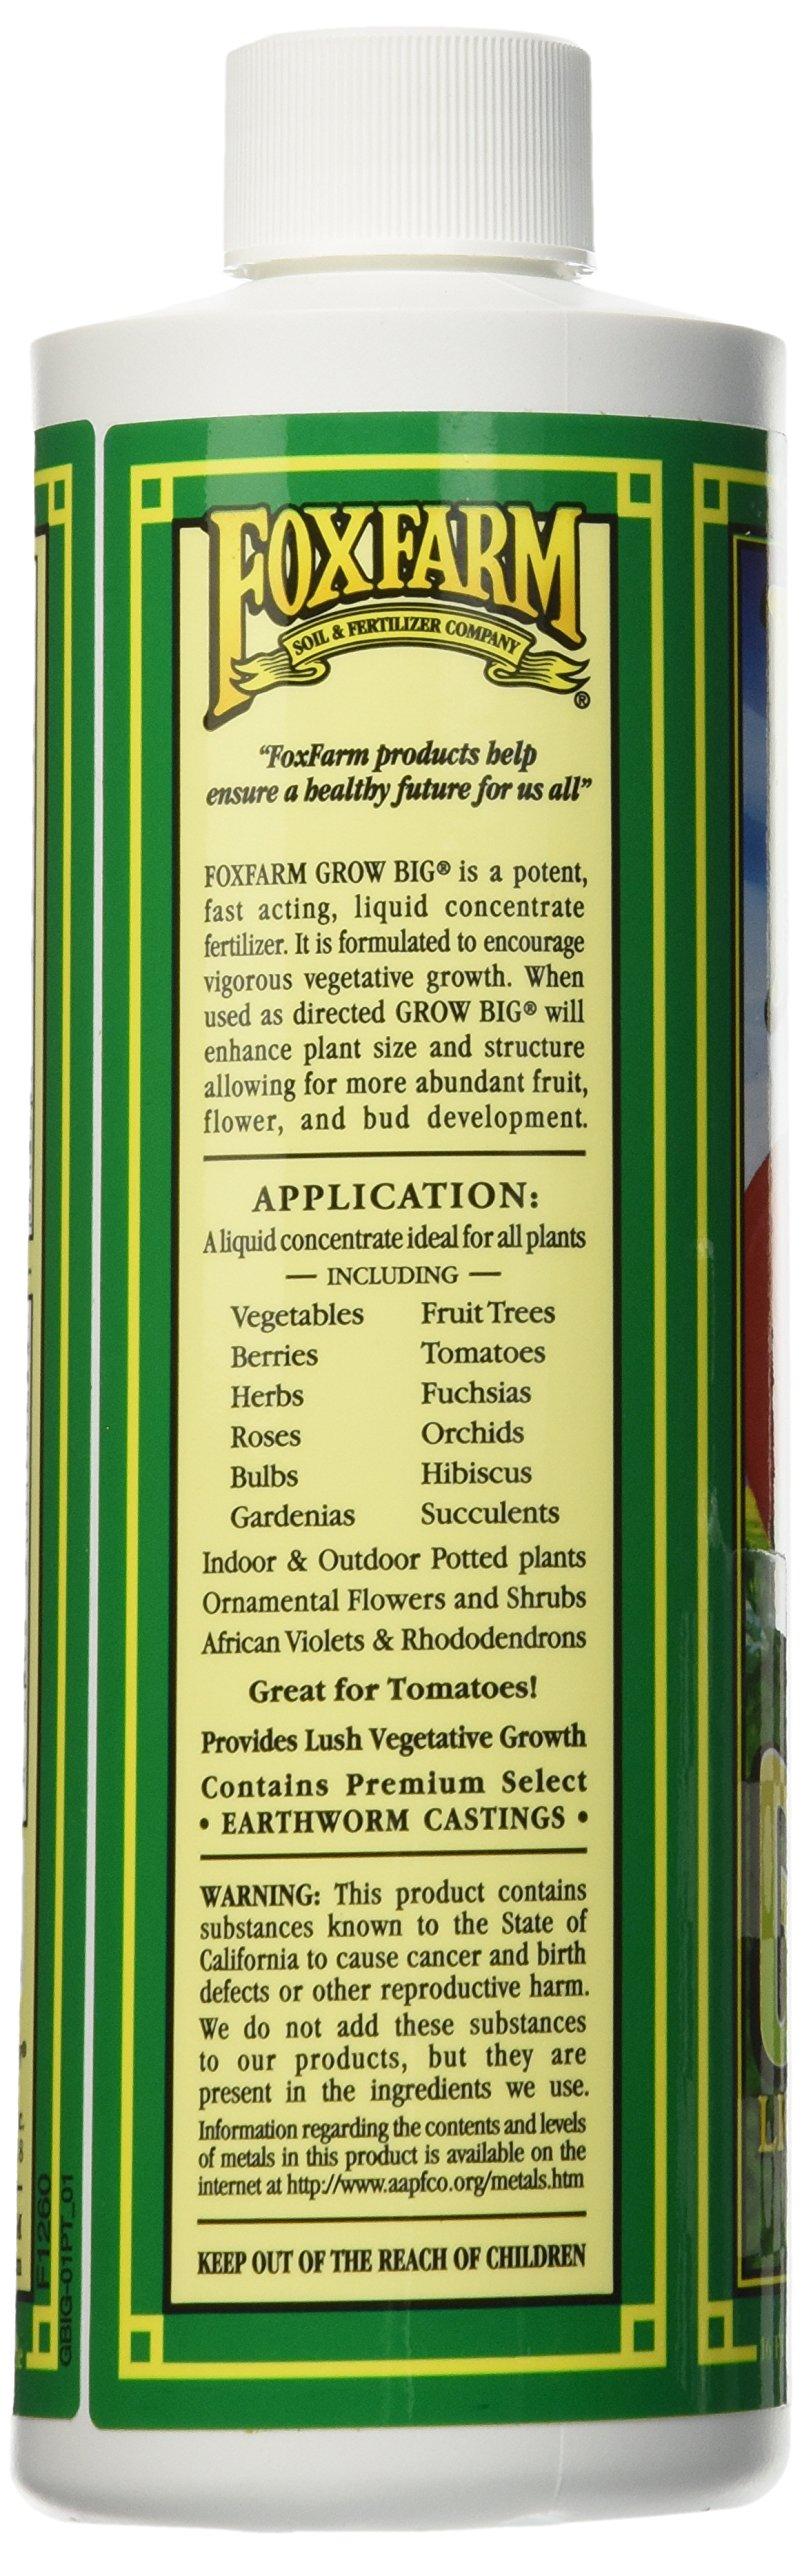 Fox Farm FX14092 Grow Big Liquid Concentrate Fertilizer, Soil NPK 6-4-4, 1-Pint